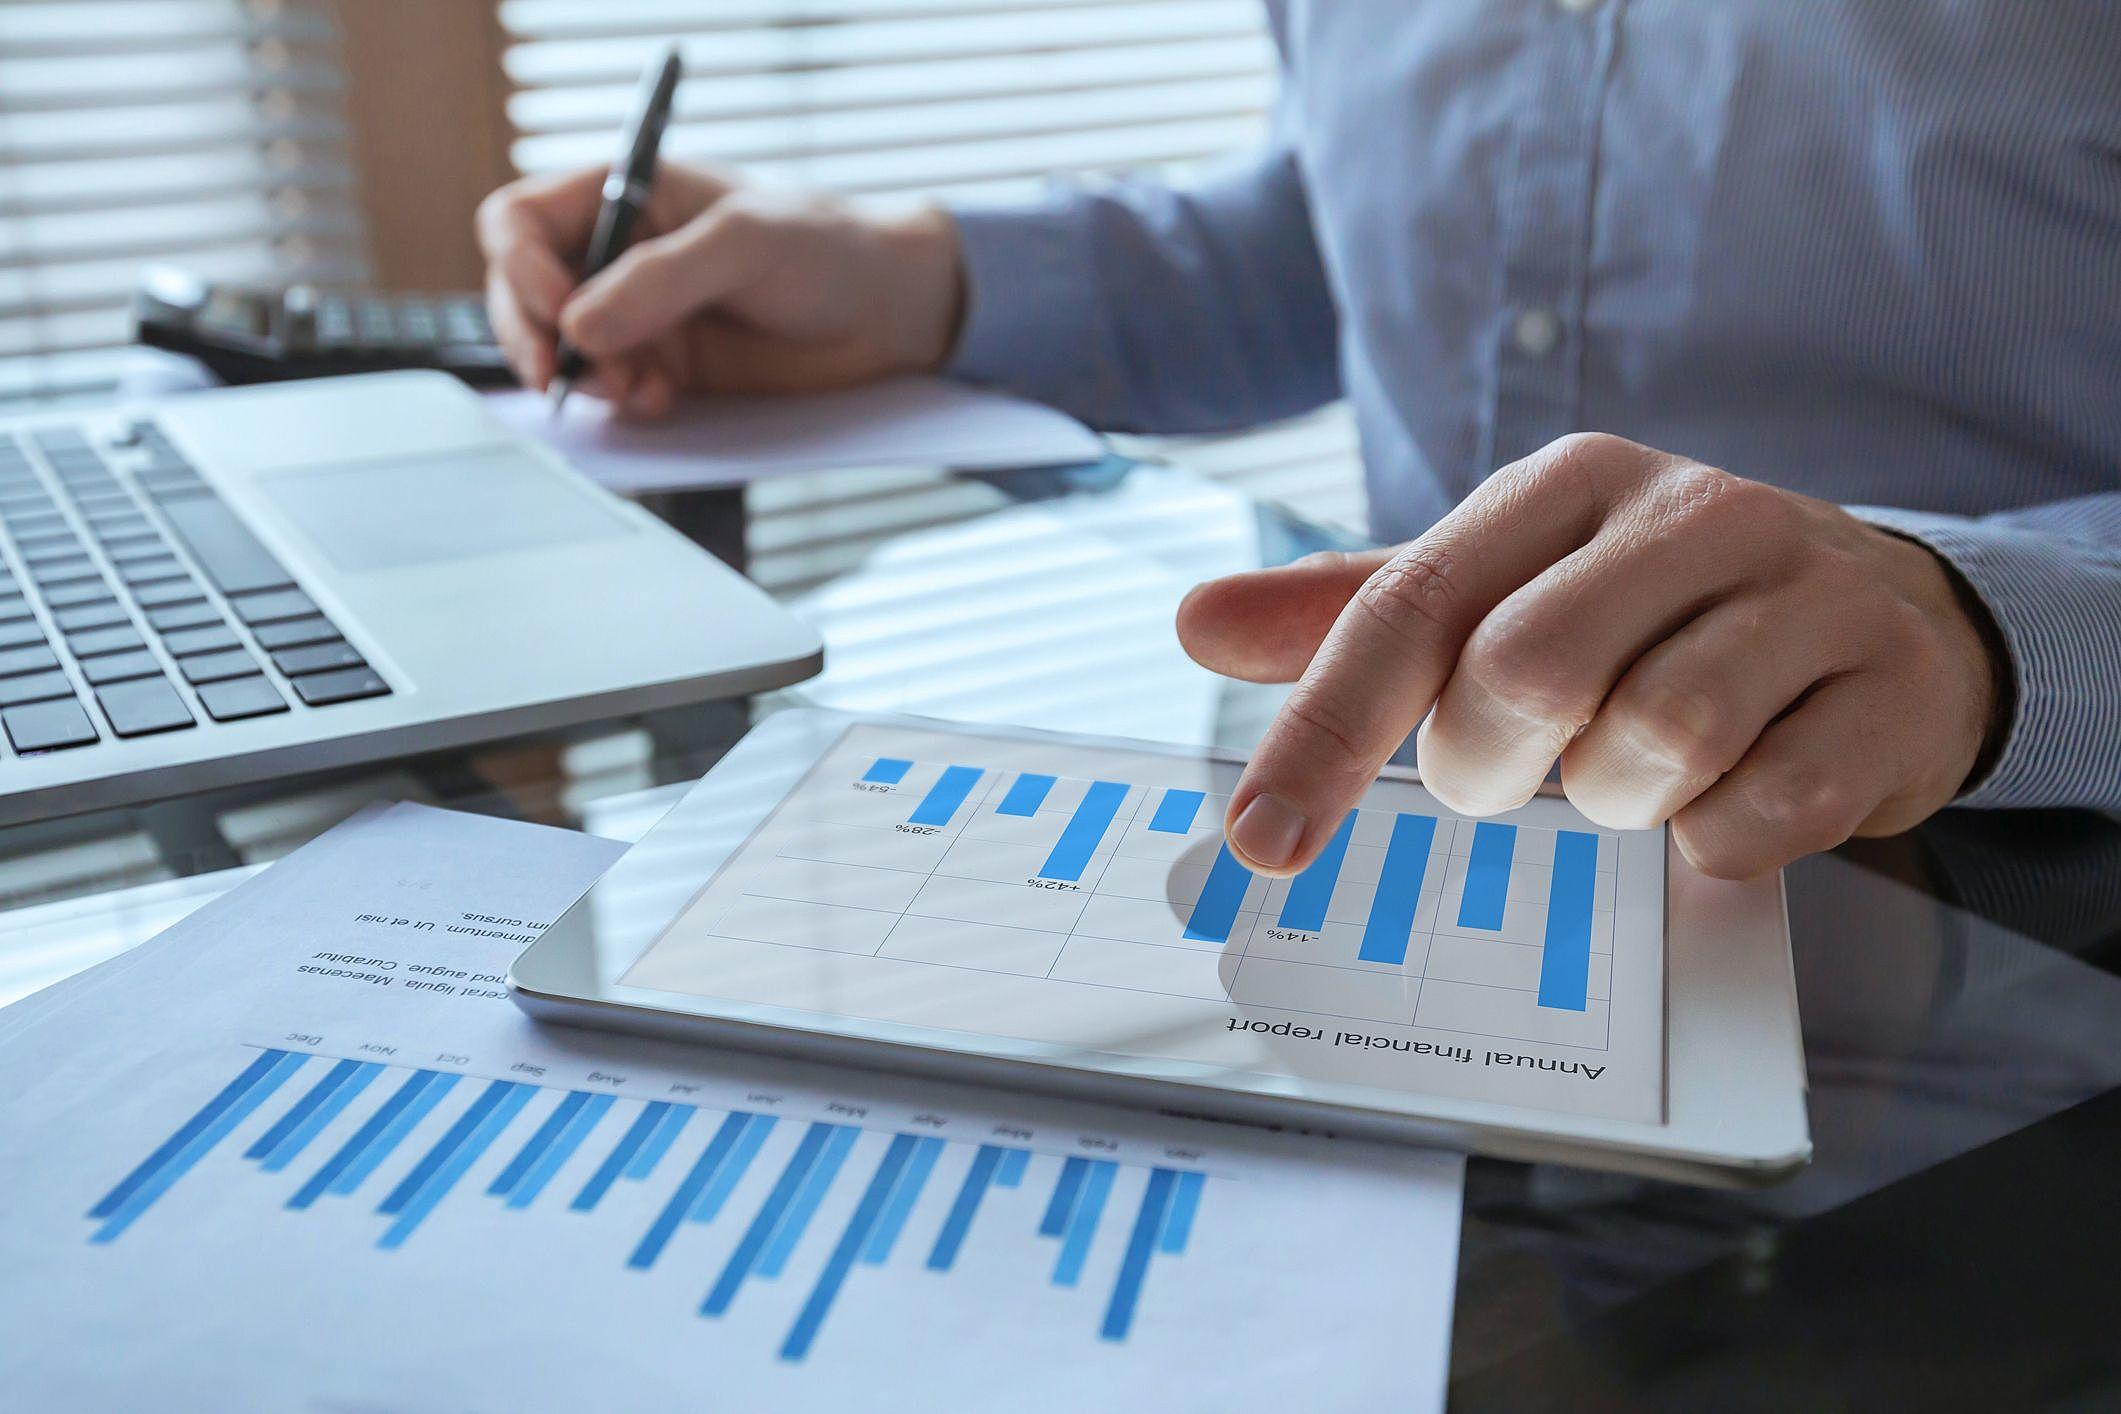 Indicadores de vendas: saiba como utilizá-los para melhorar a performance